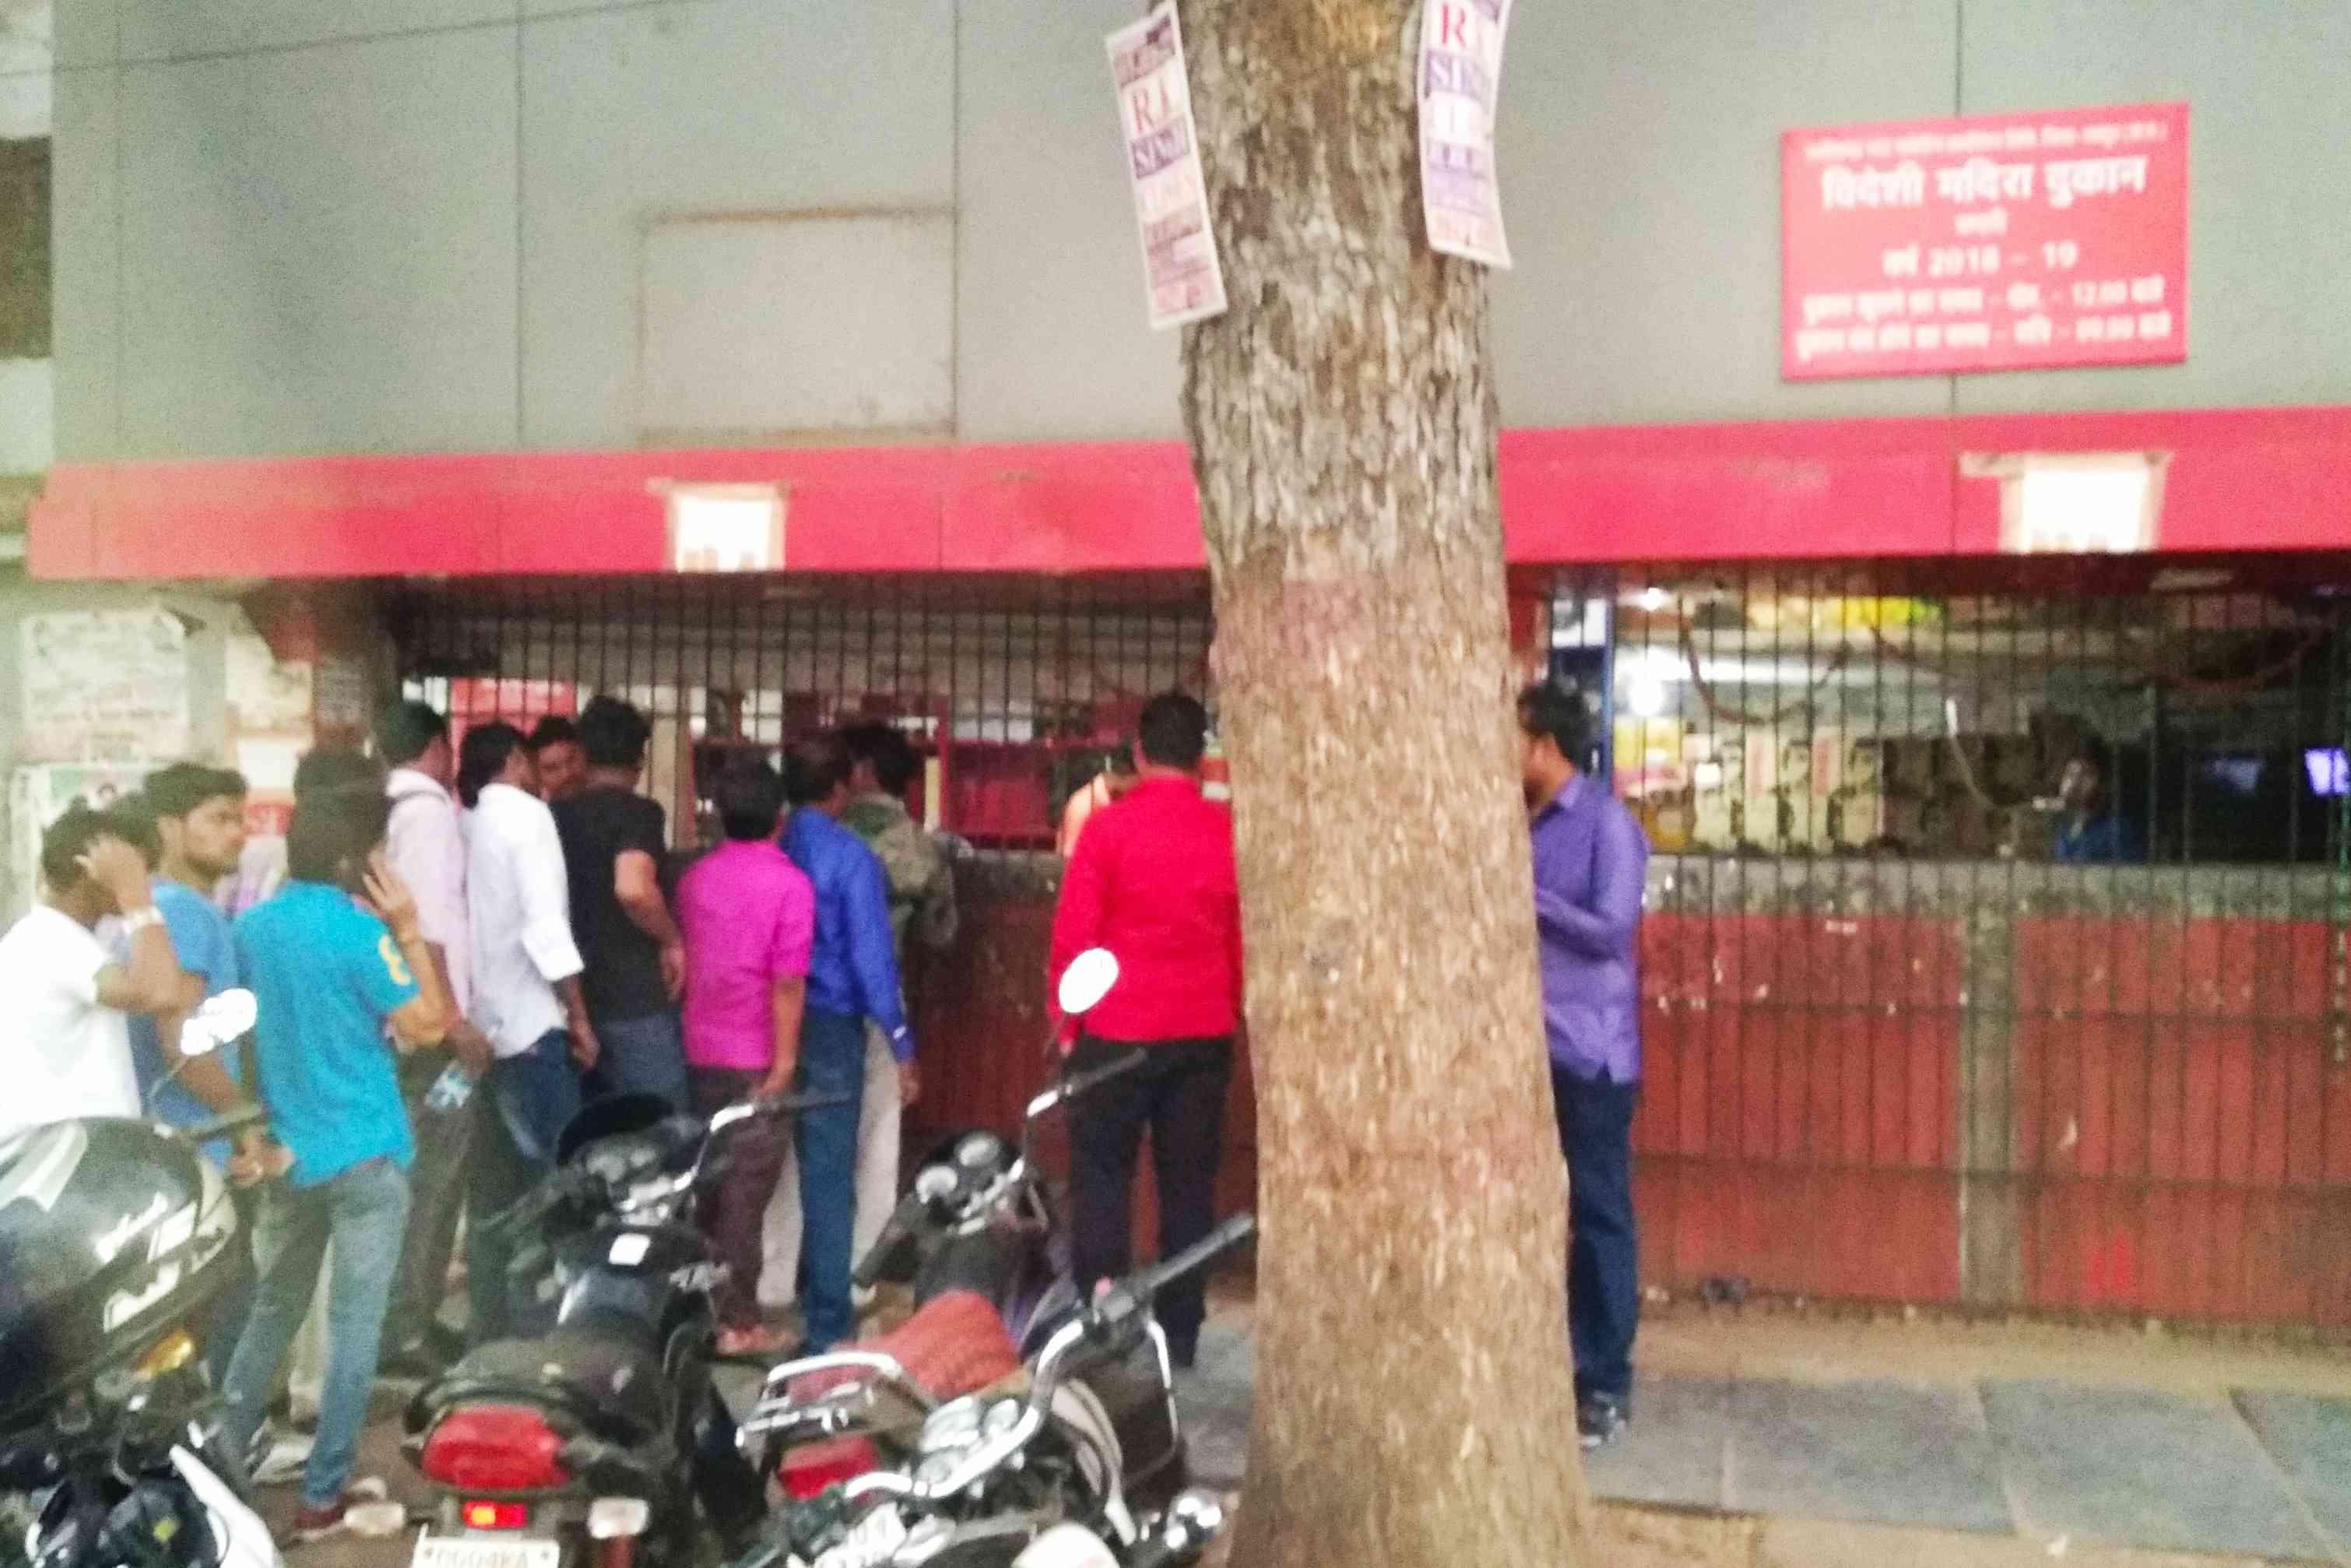 रायपुर स्थित एक विदेशी शराब की दुकान के सामने लगी ग्राहकों की कतार | फोटो: हेमंत कुमार पांडेय